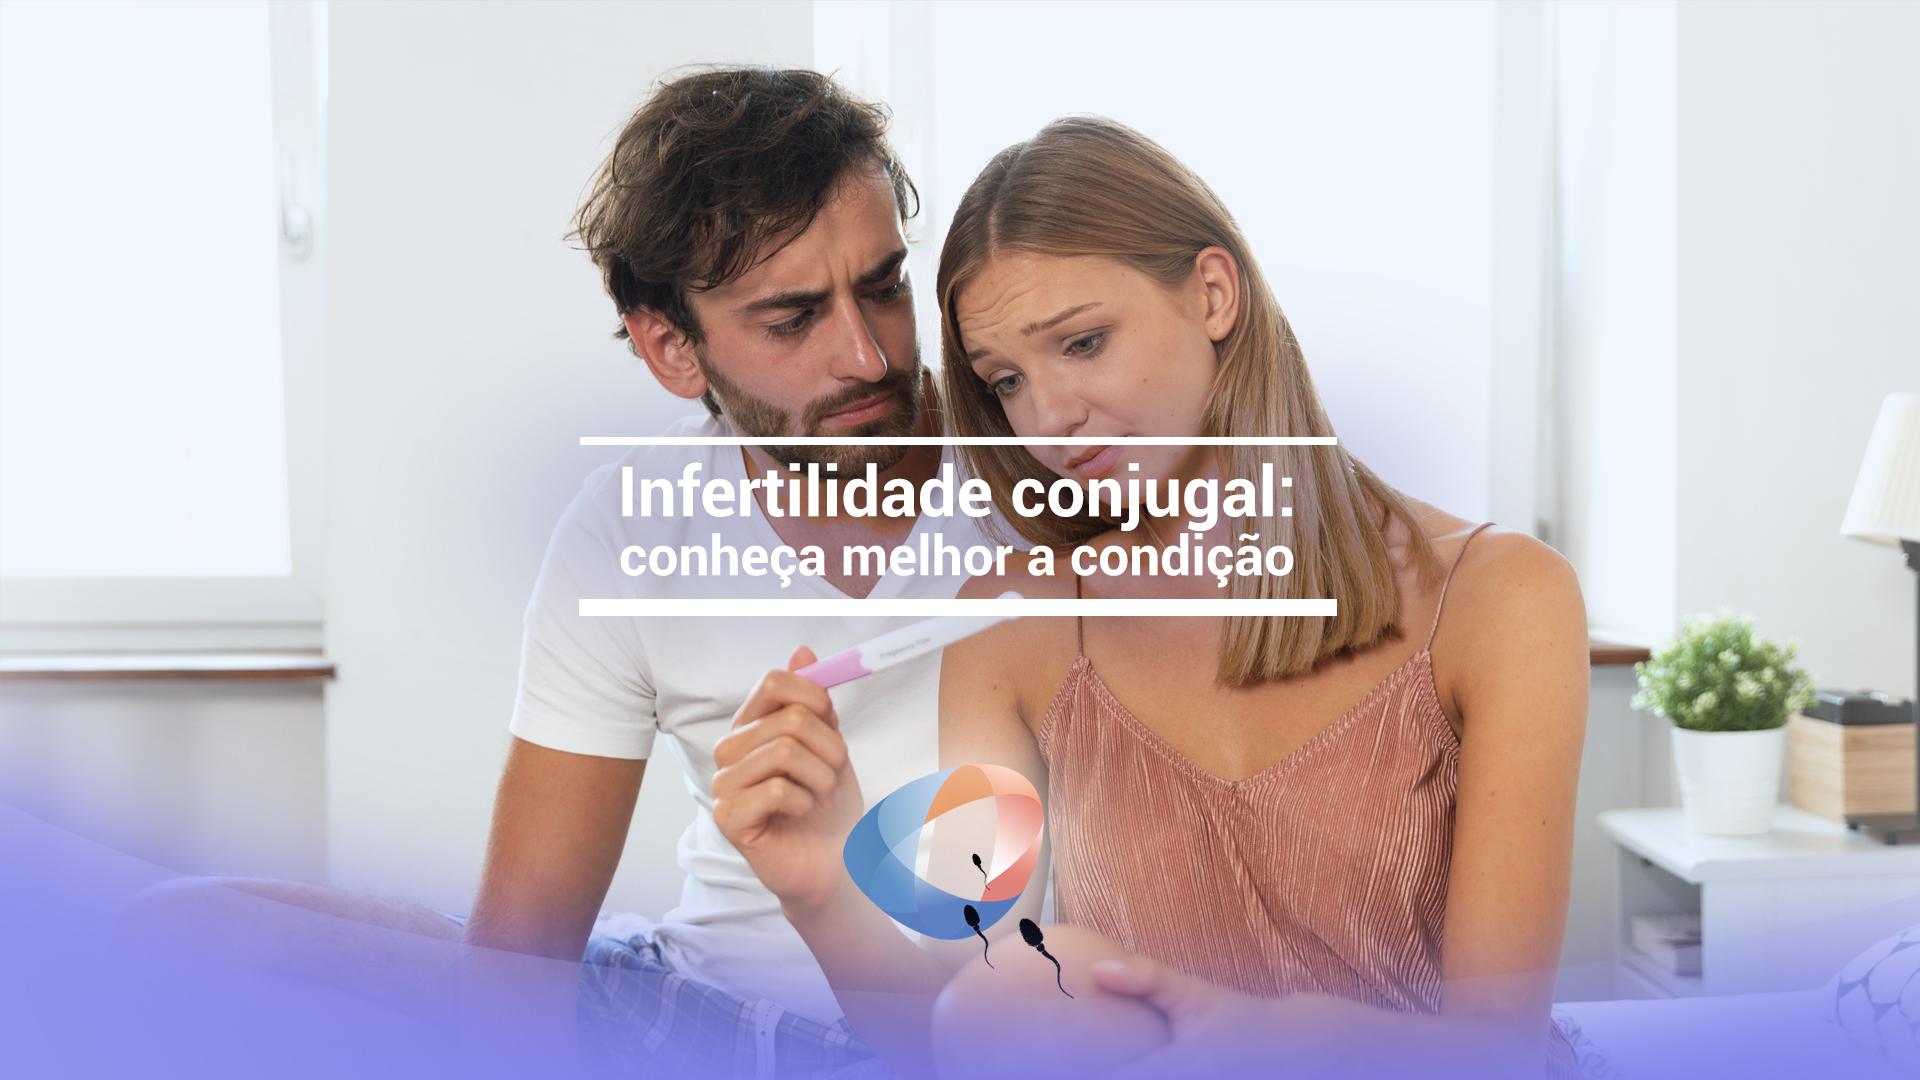 Infertilidade conjugal: conheça melhor a condição